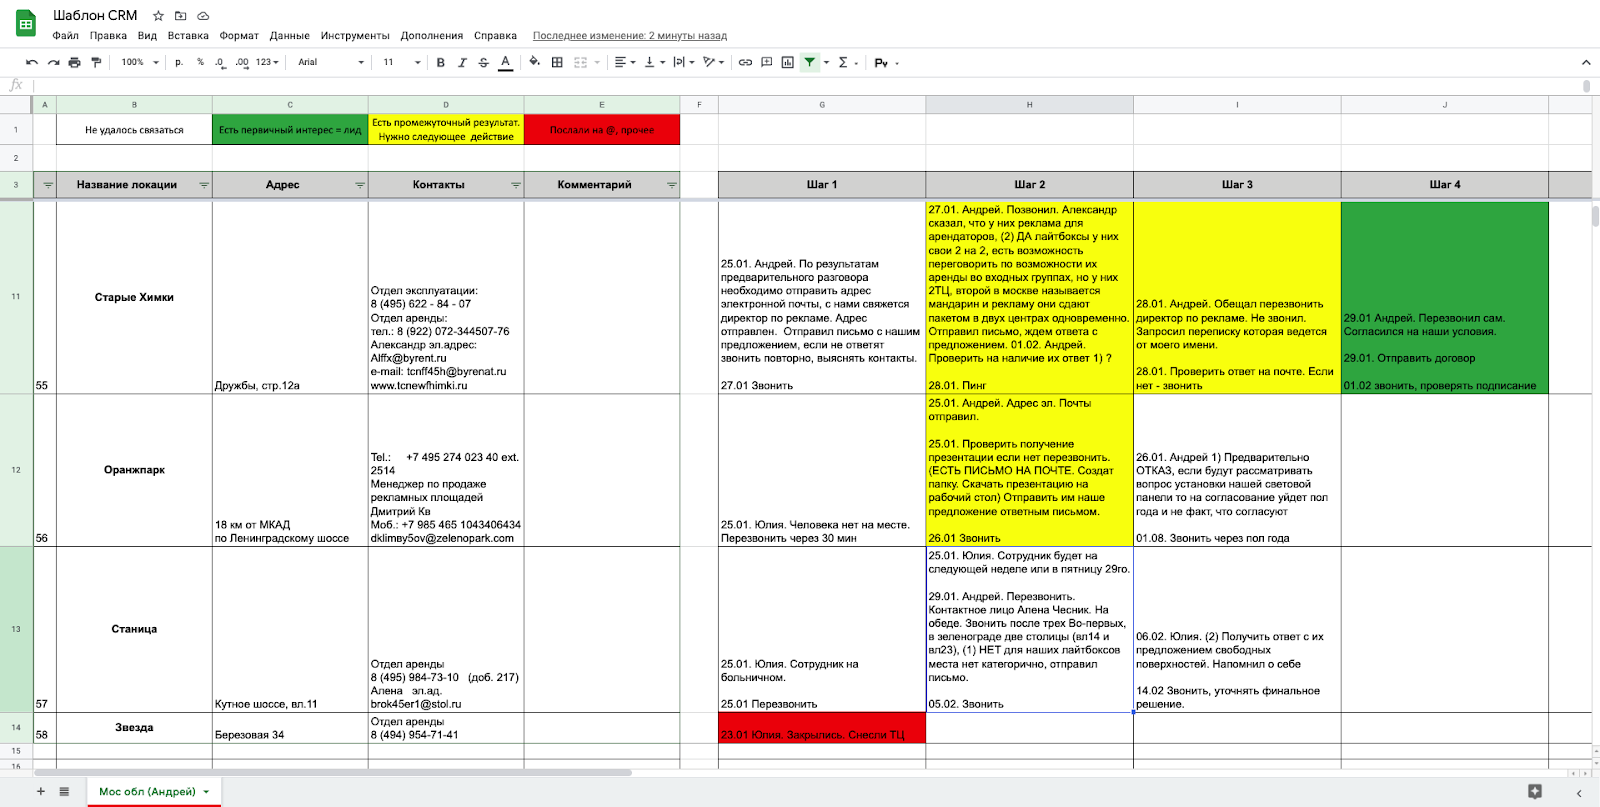 Как сделать CRM систему управления продажами надежной и простой как автомат Калашникова